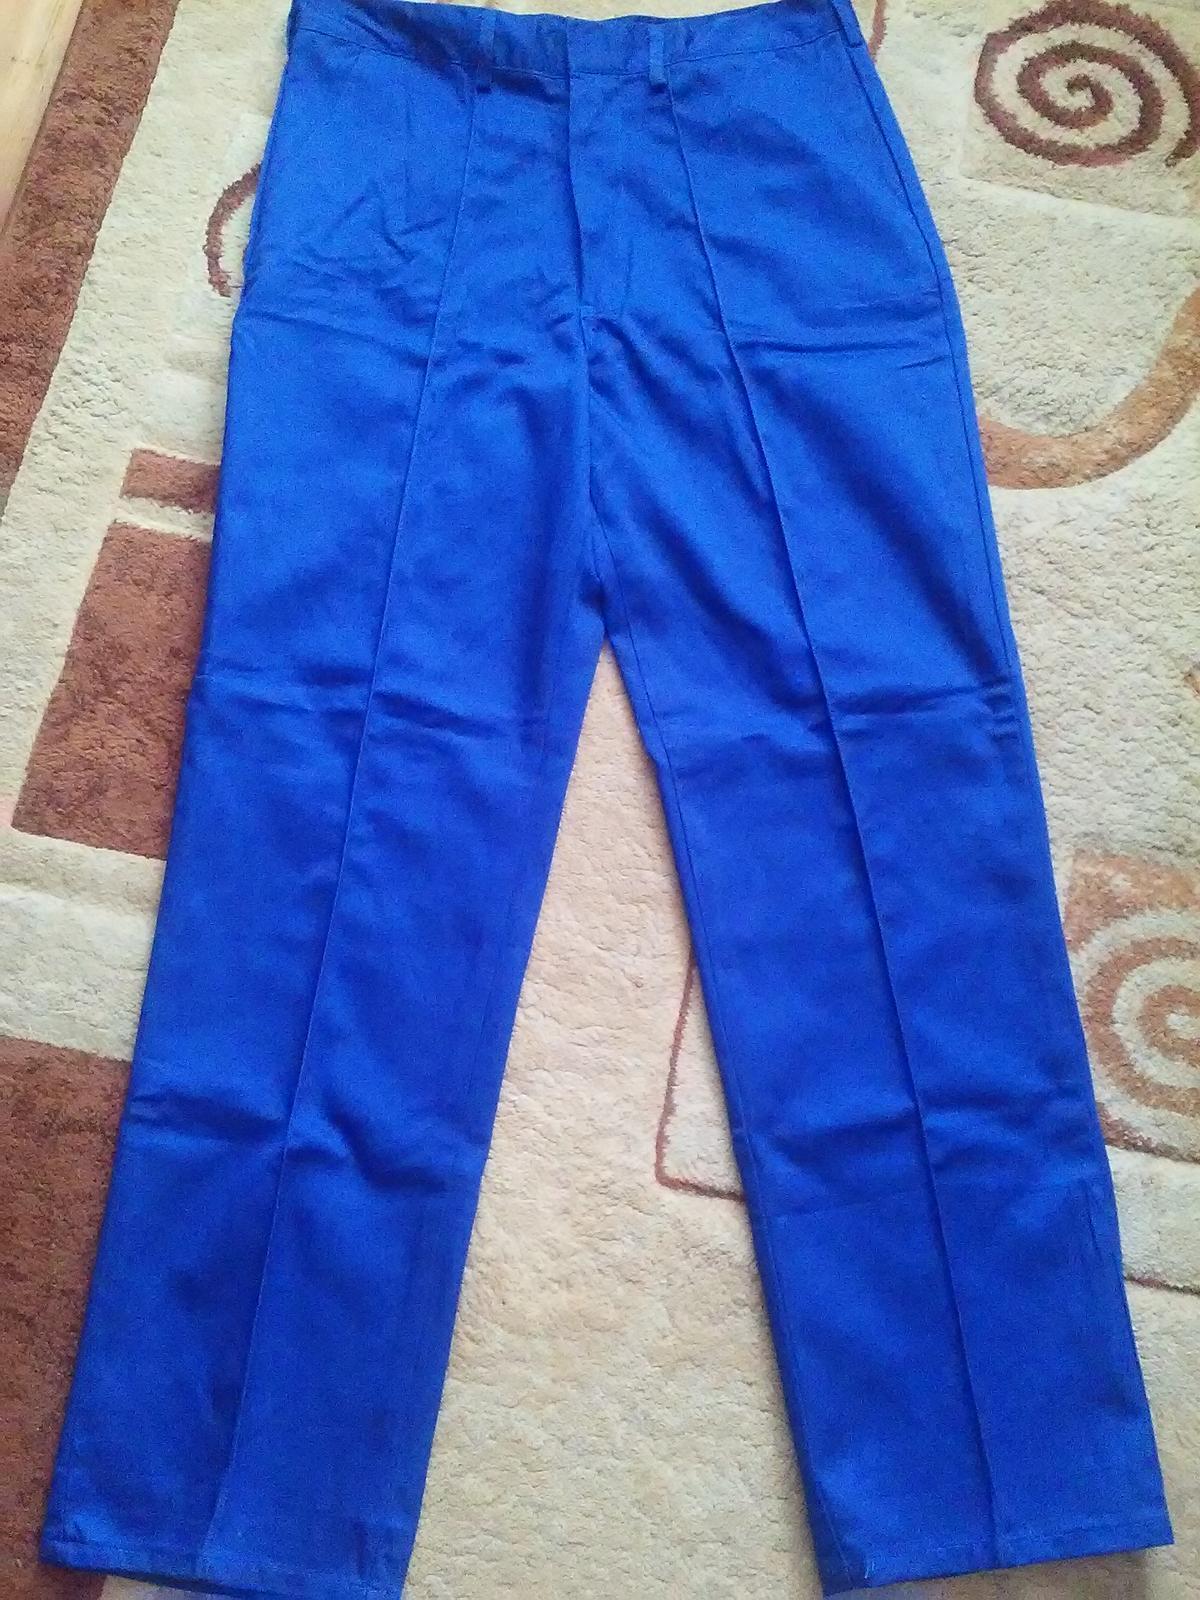 Monterkové nohavice - Obrázok č. 1